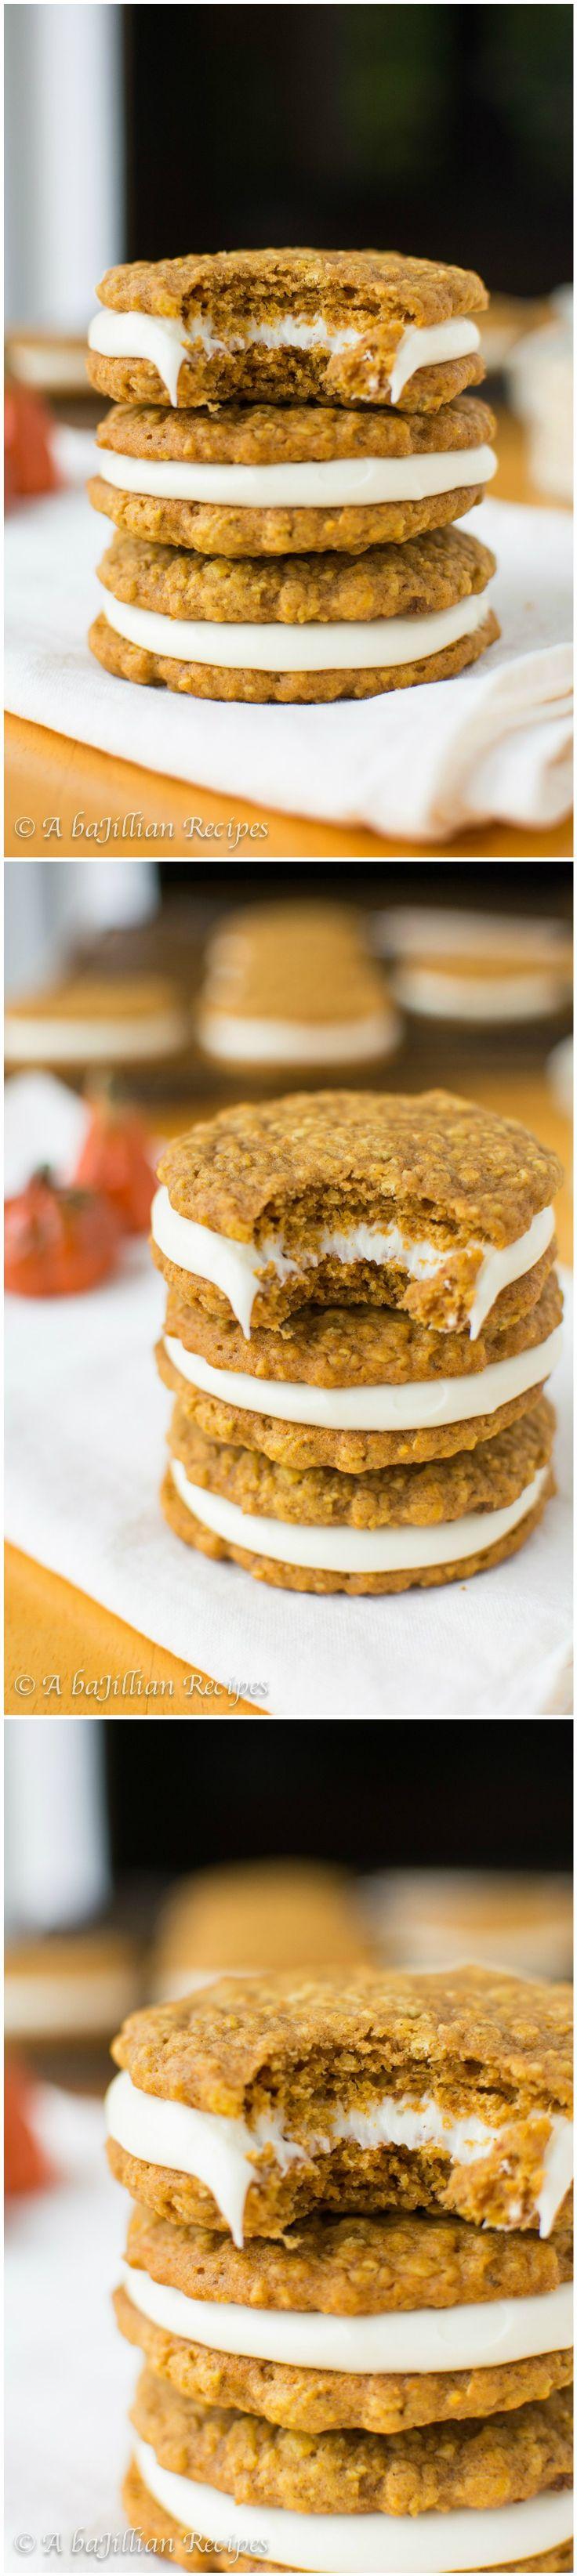 pumpkin-oatmeal-creme-pies-abajillianrecipes-com2